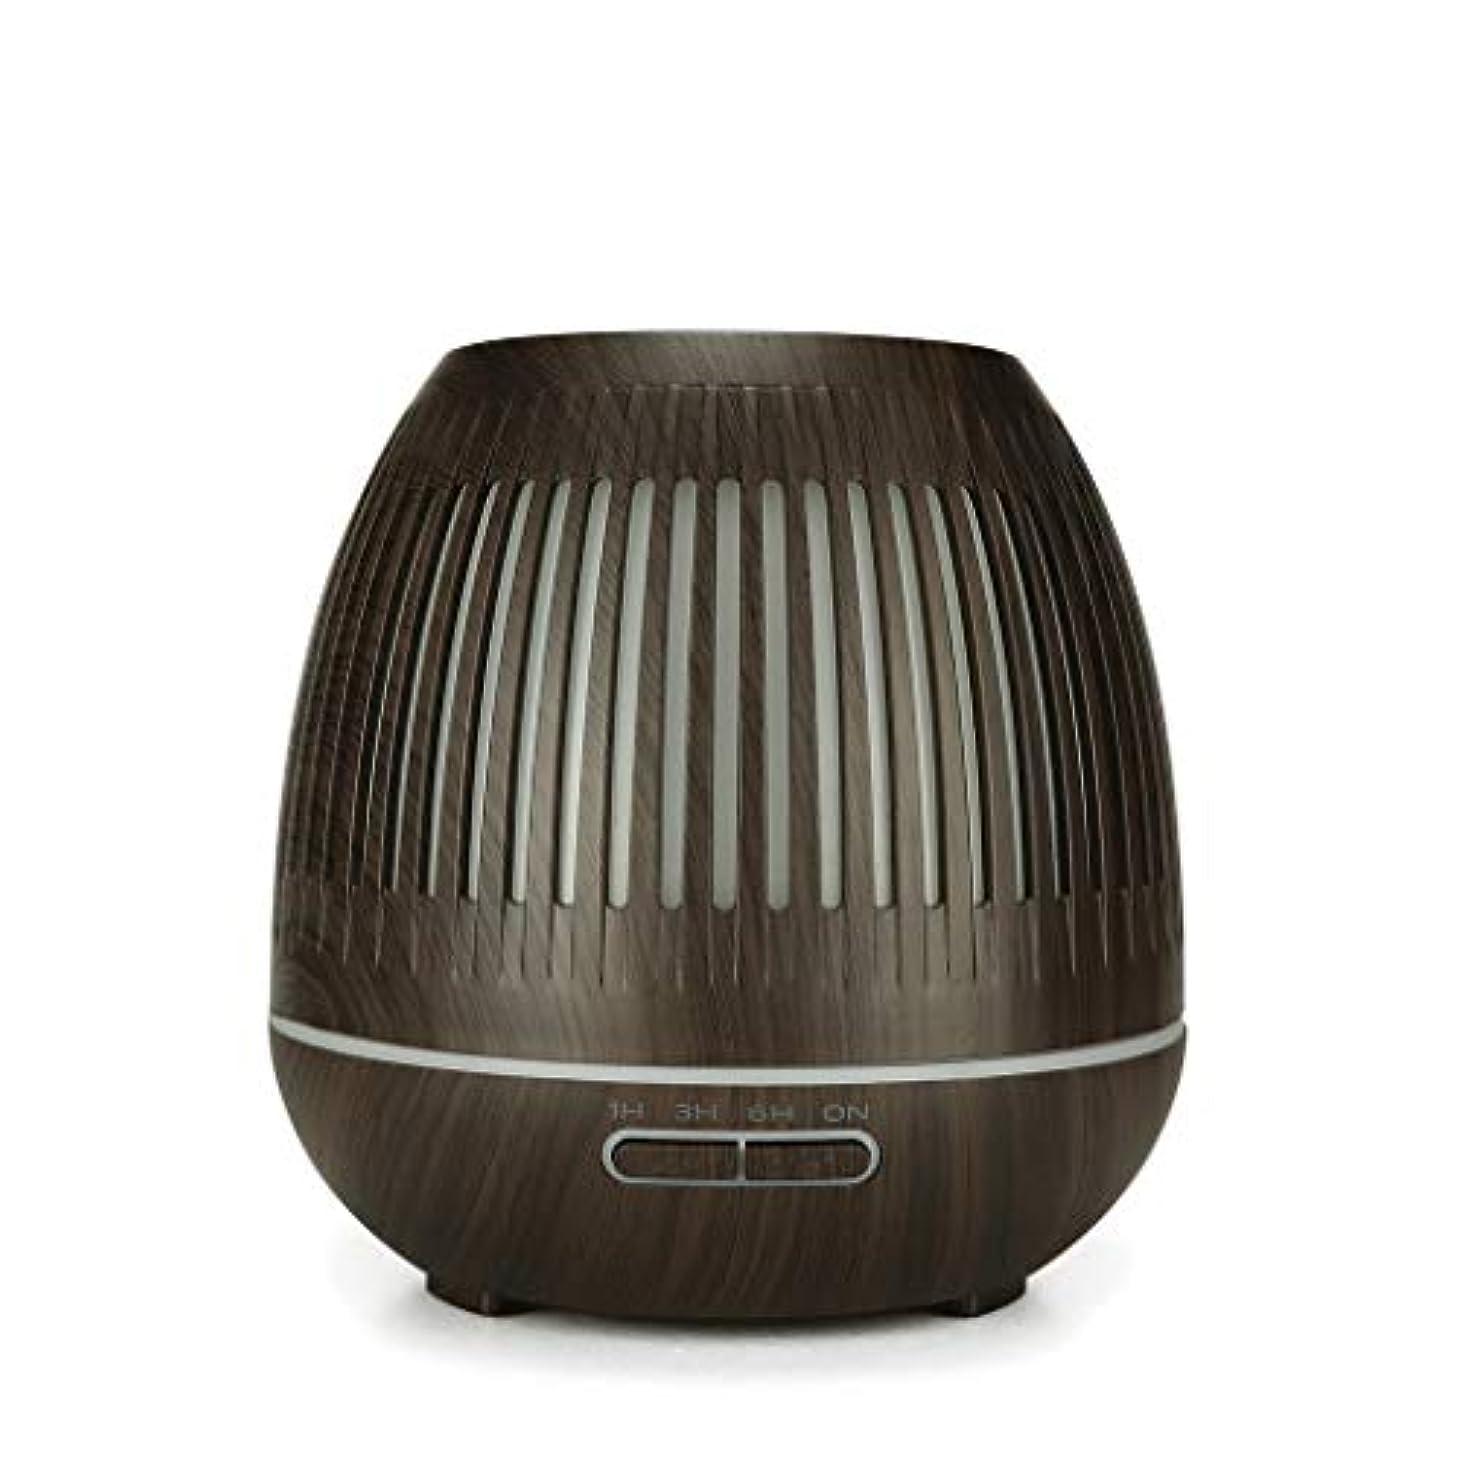 媒染剤復活させる振るう400ミリリットル超音波クールミスト加湿器付きカラーledライト用ホームヨガオフィススパ寝室ベビールーム - ウッドグレインディフューザー (Color : Dark wood grain)